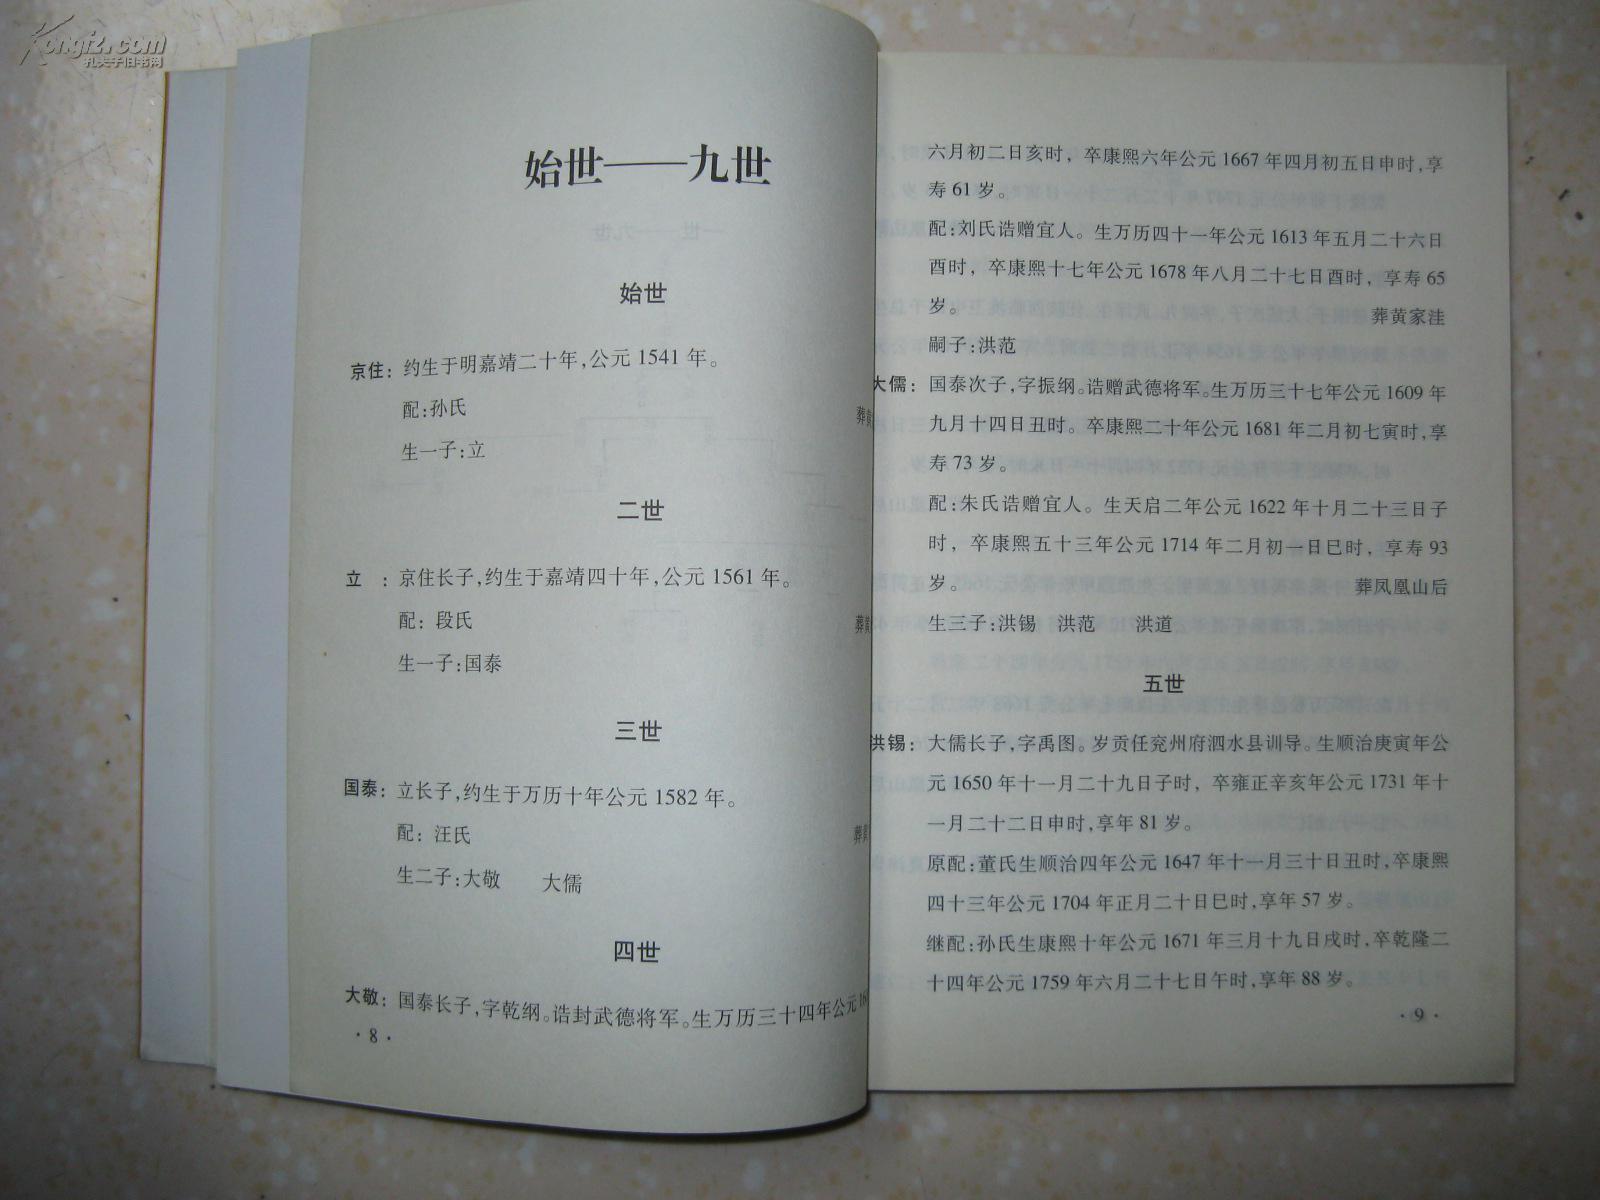 王氏家谱 山东省海阳市留格庄镇王家泊村王氏家谱 字辈从16世起为 修图片